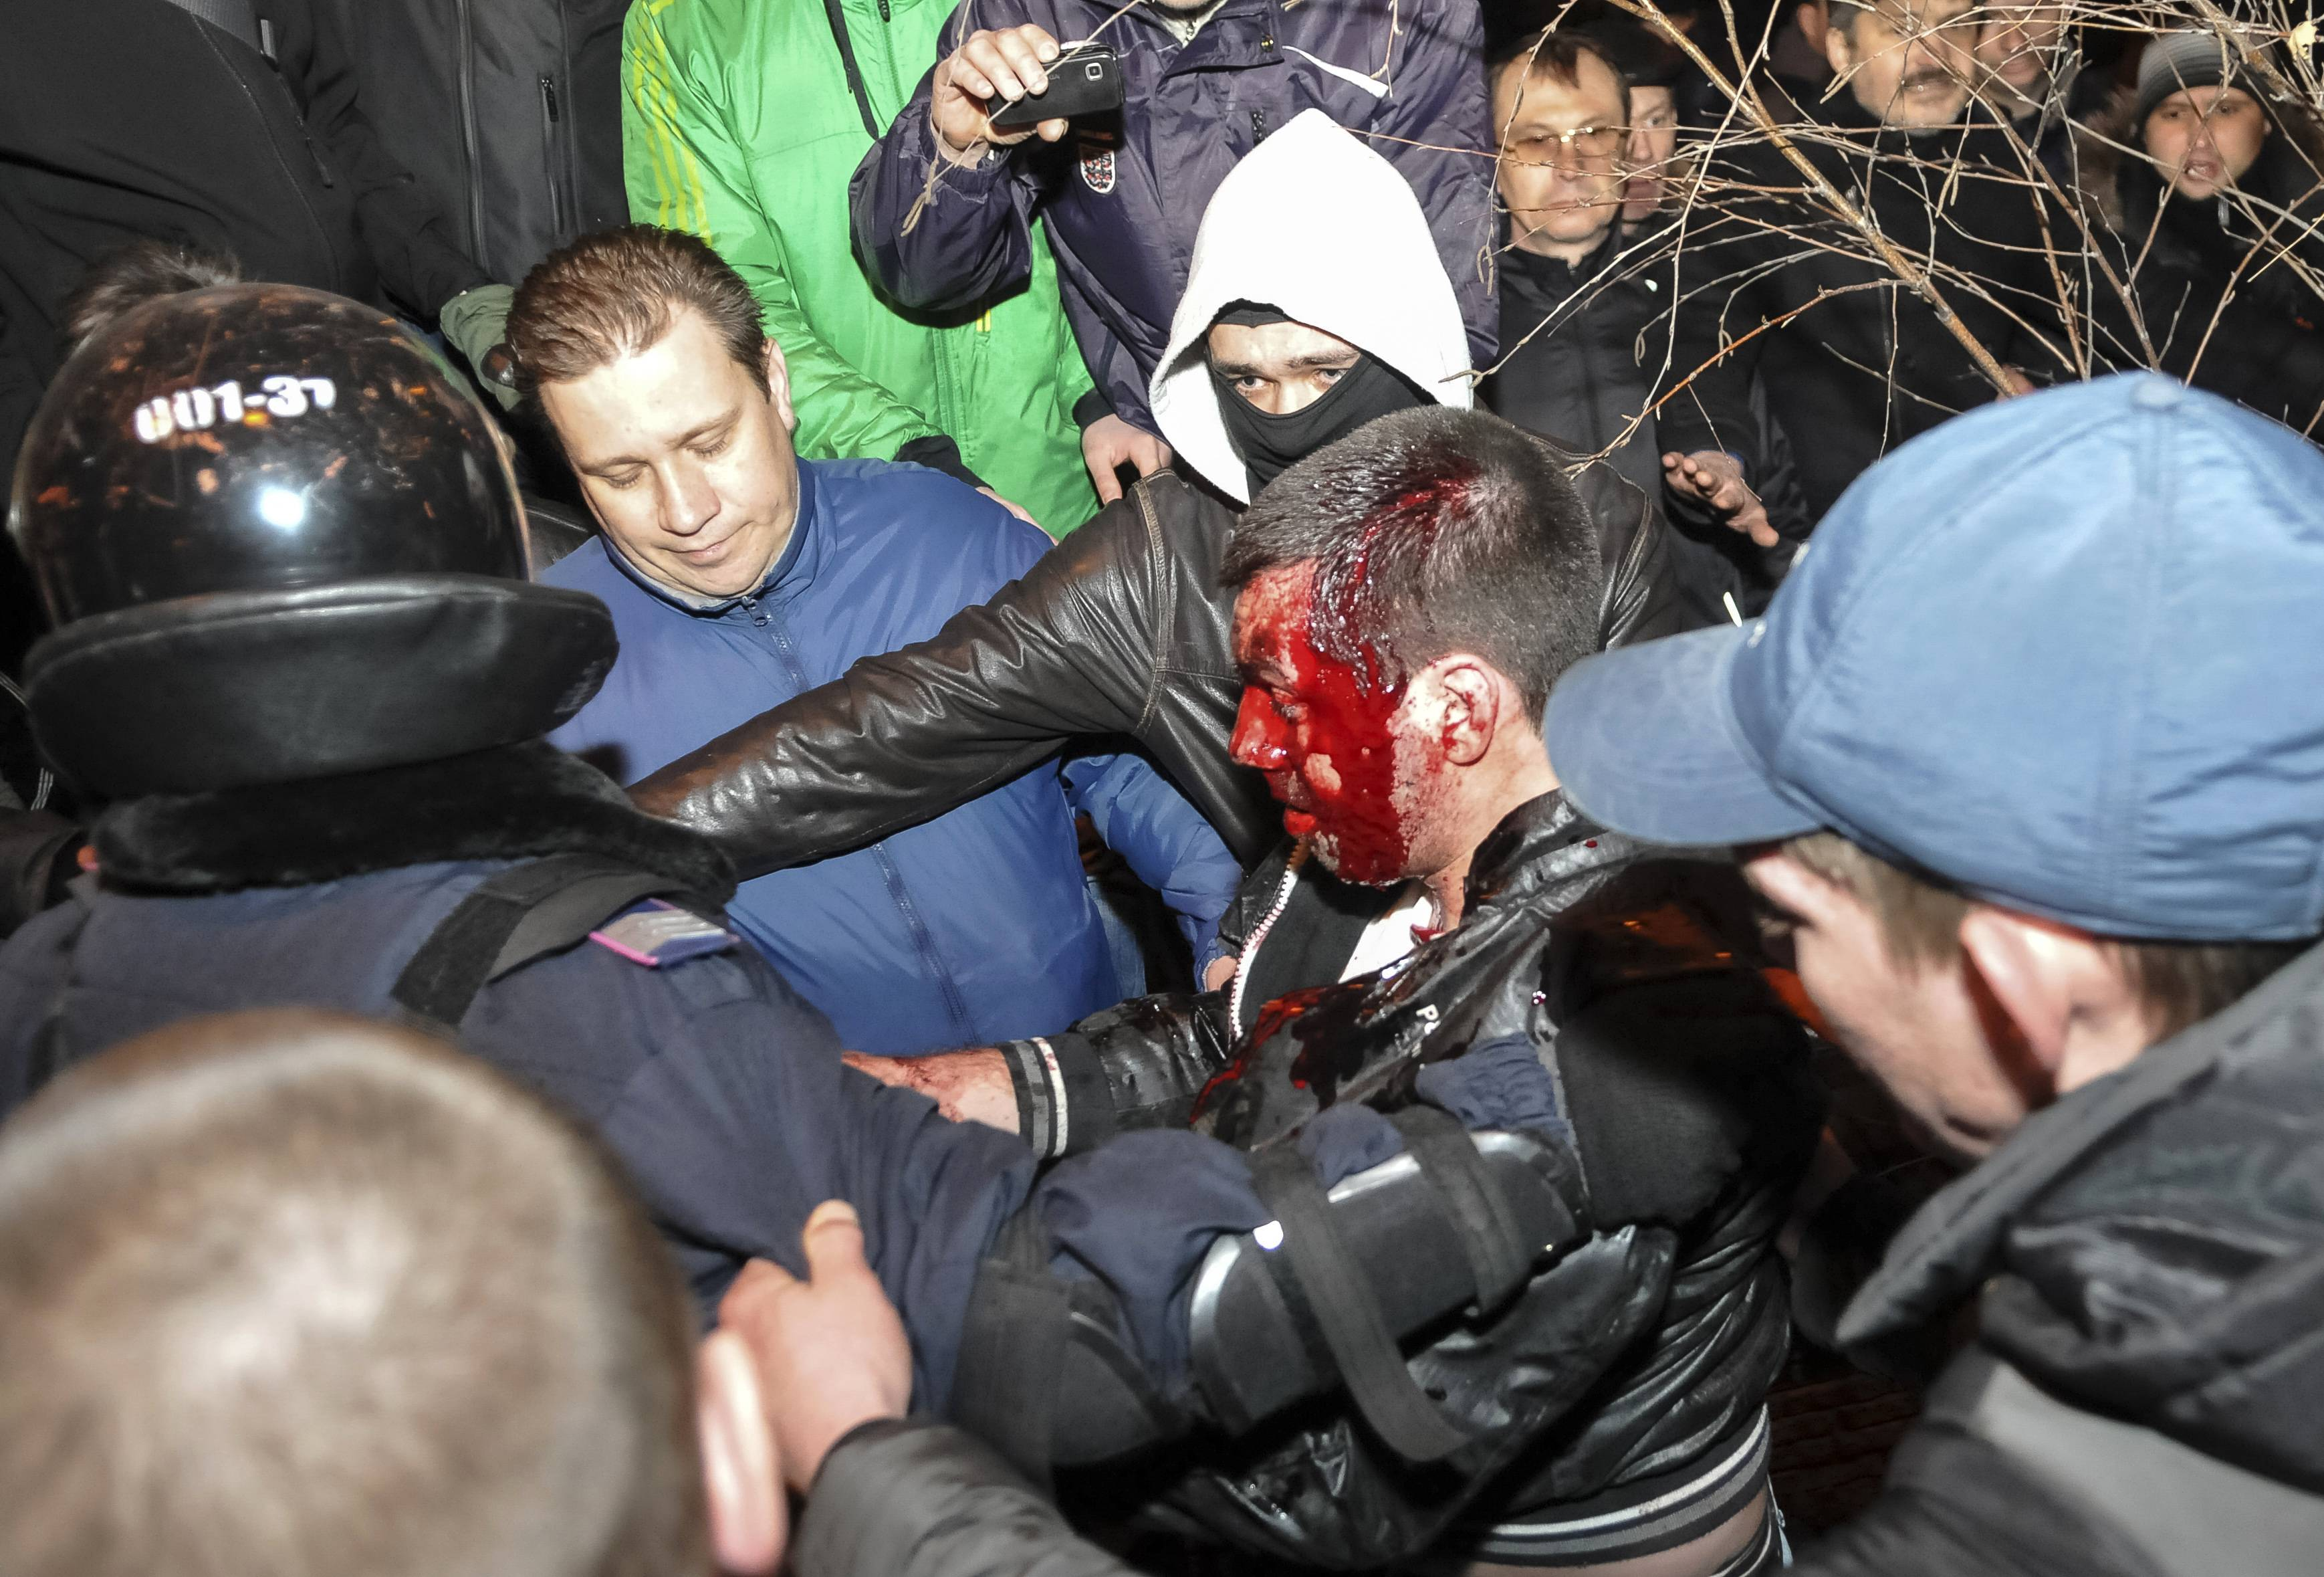 Policiais conduzem manifestante ferido em confronto na cidade ucraniana de Donetsk, onde uma pessoa morreu | Mikhail Maslovsky/Reuters